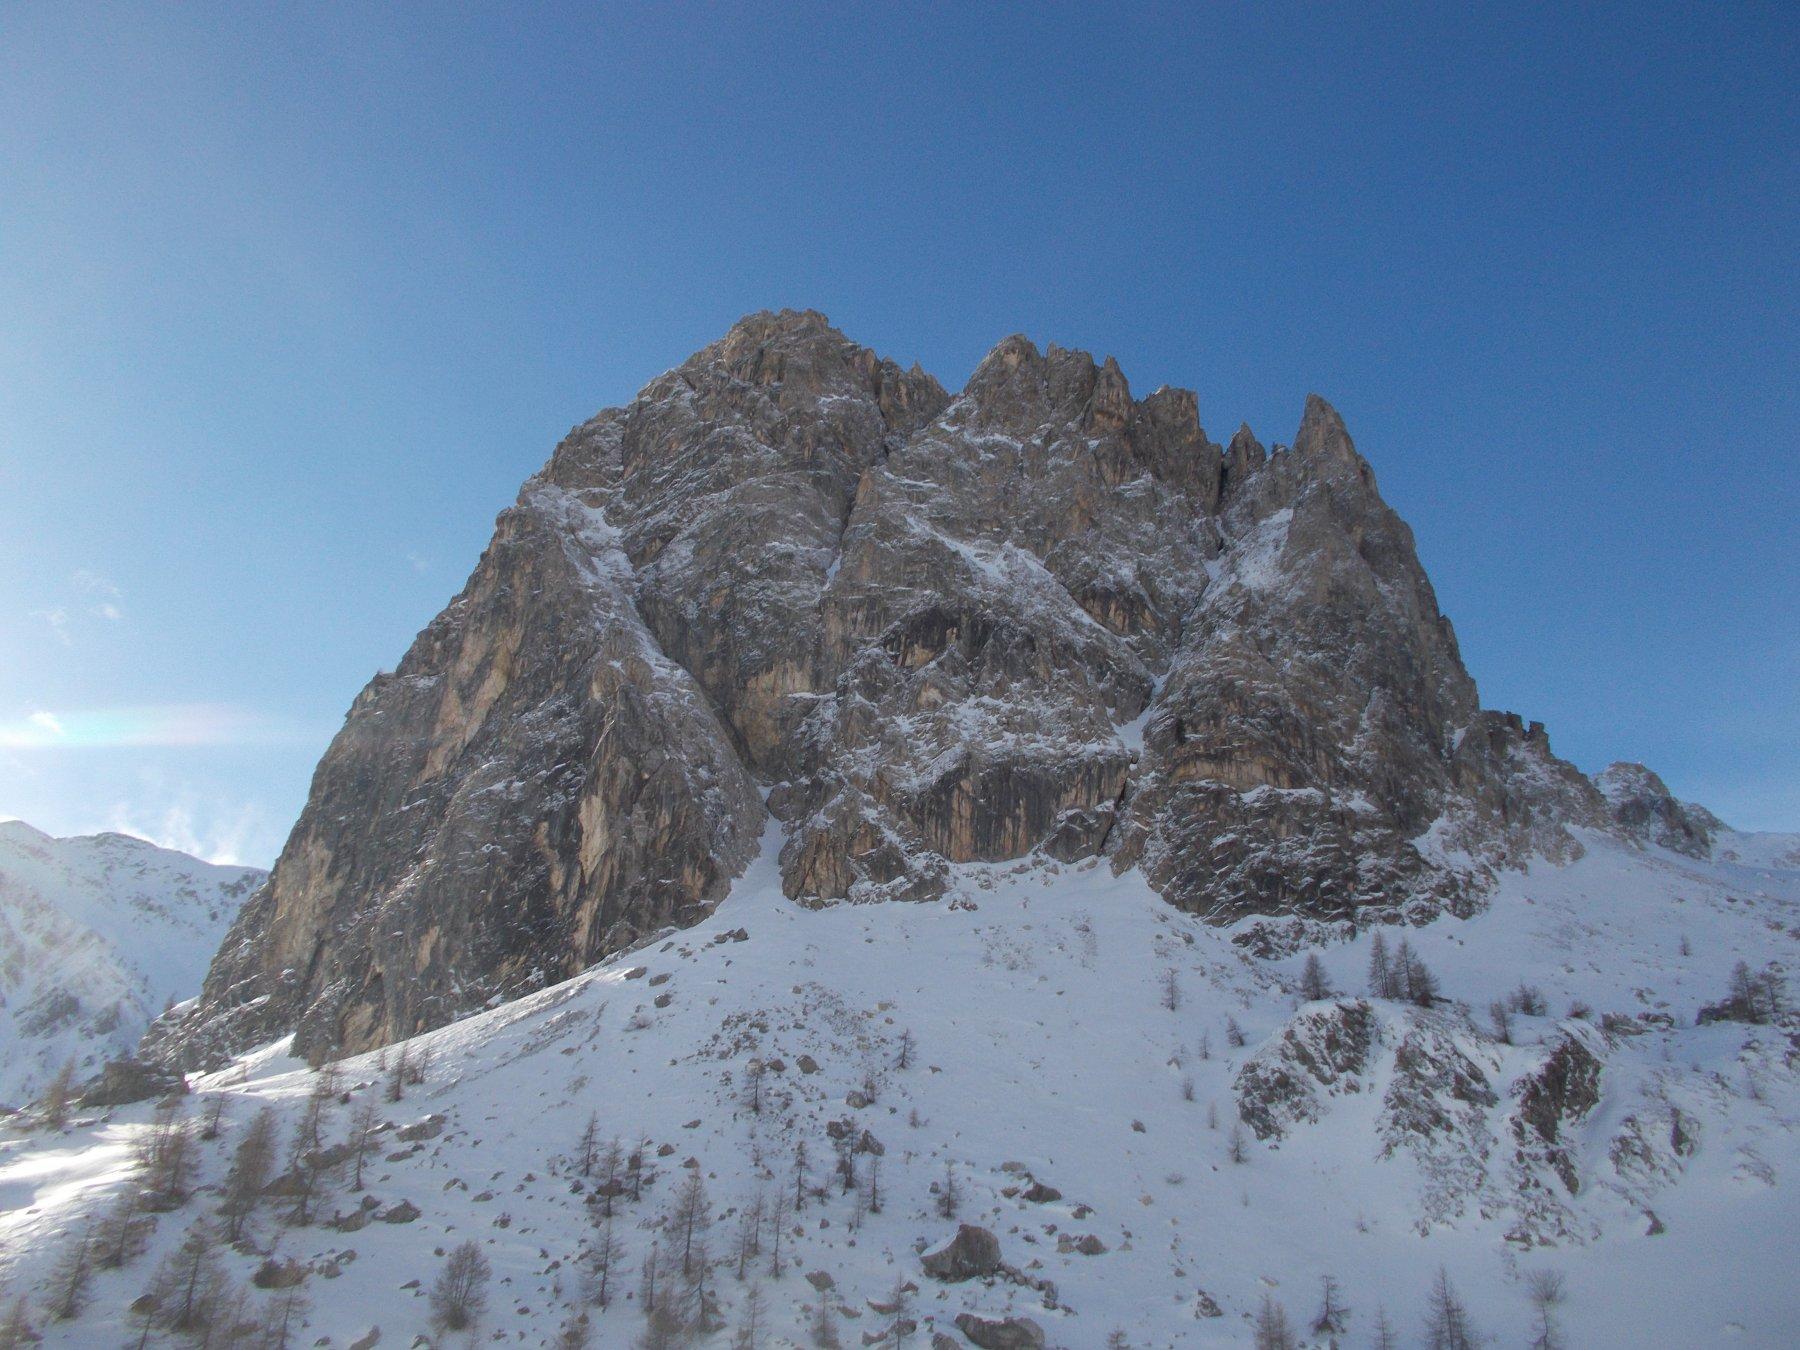 rocca Parvo da nord con la goulotte obliqua a sx a incidere per intero la parete..